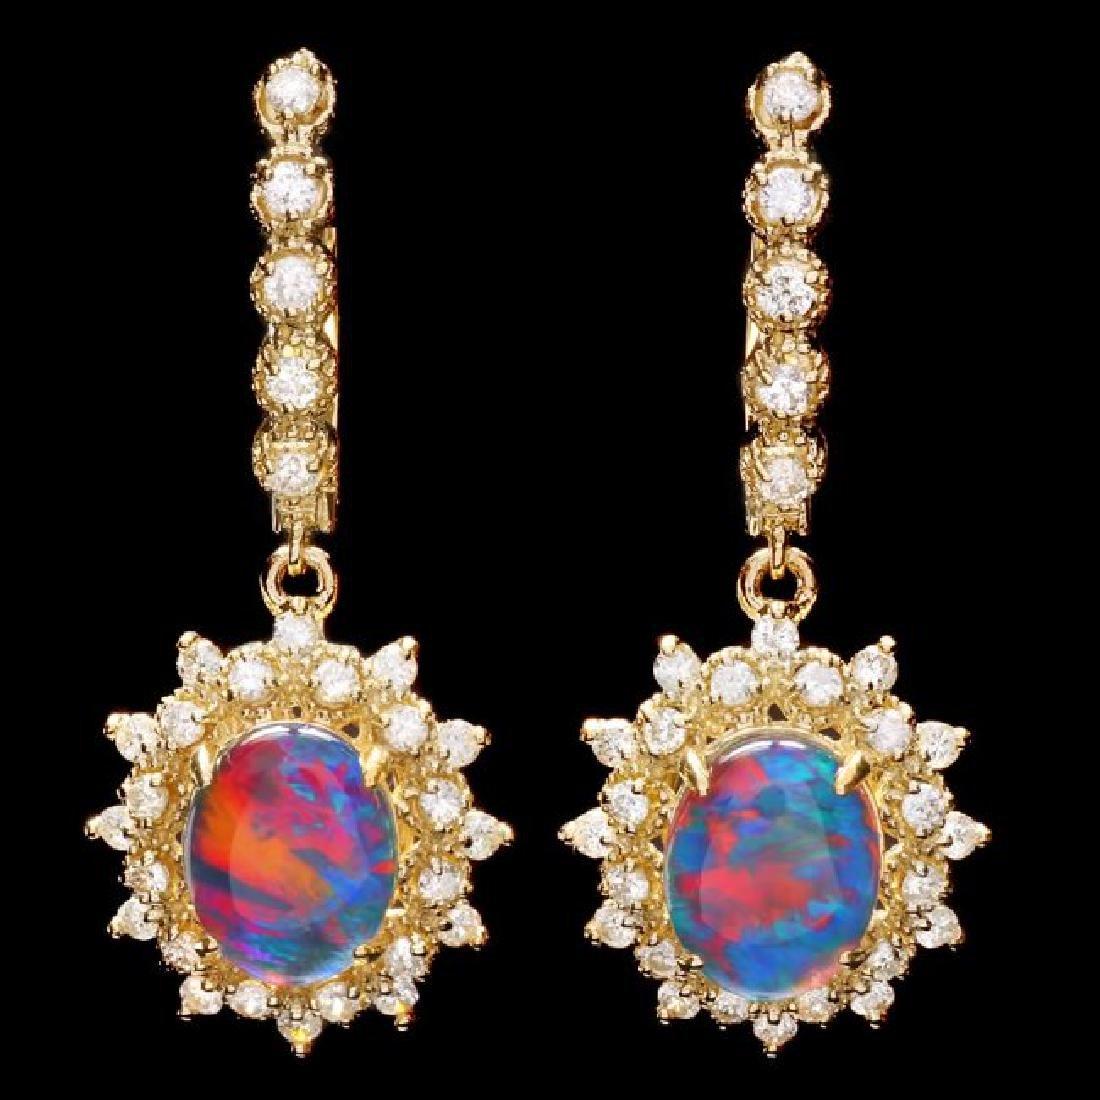 14k Gold 3.70ct Opal 1.30ct Diamond Earrings